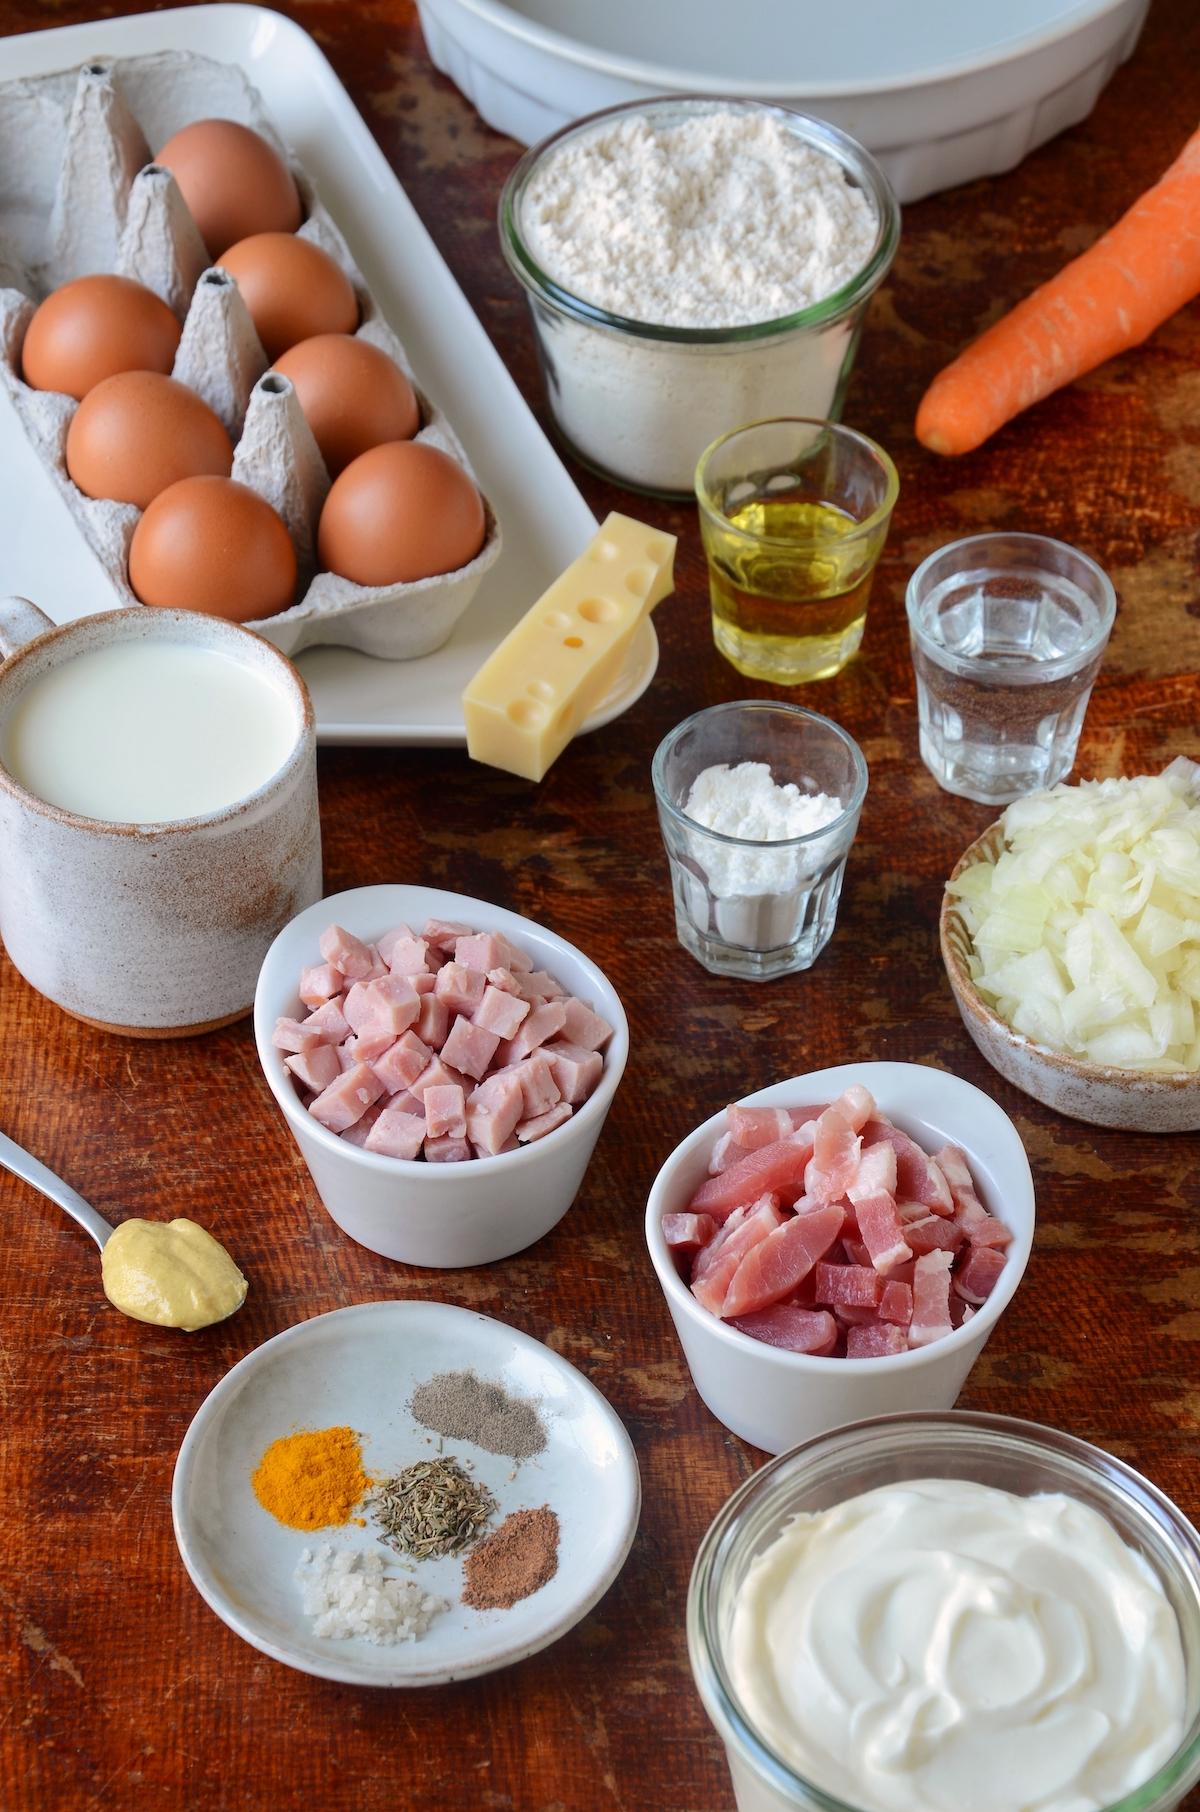 ingrédient quiche épaisse 6 8 personnes recette brunch sain équilibre